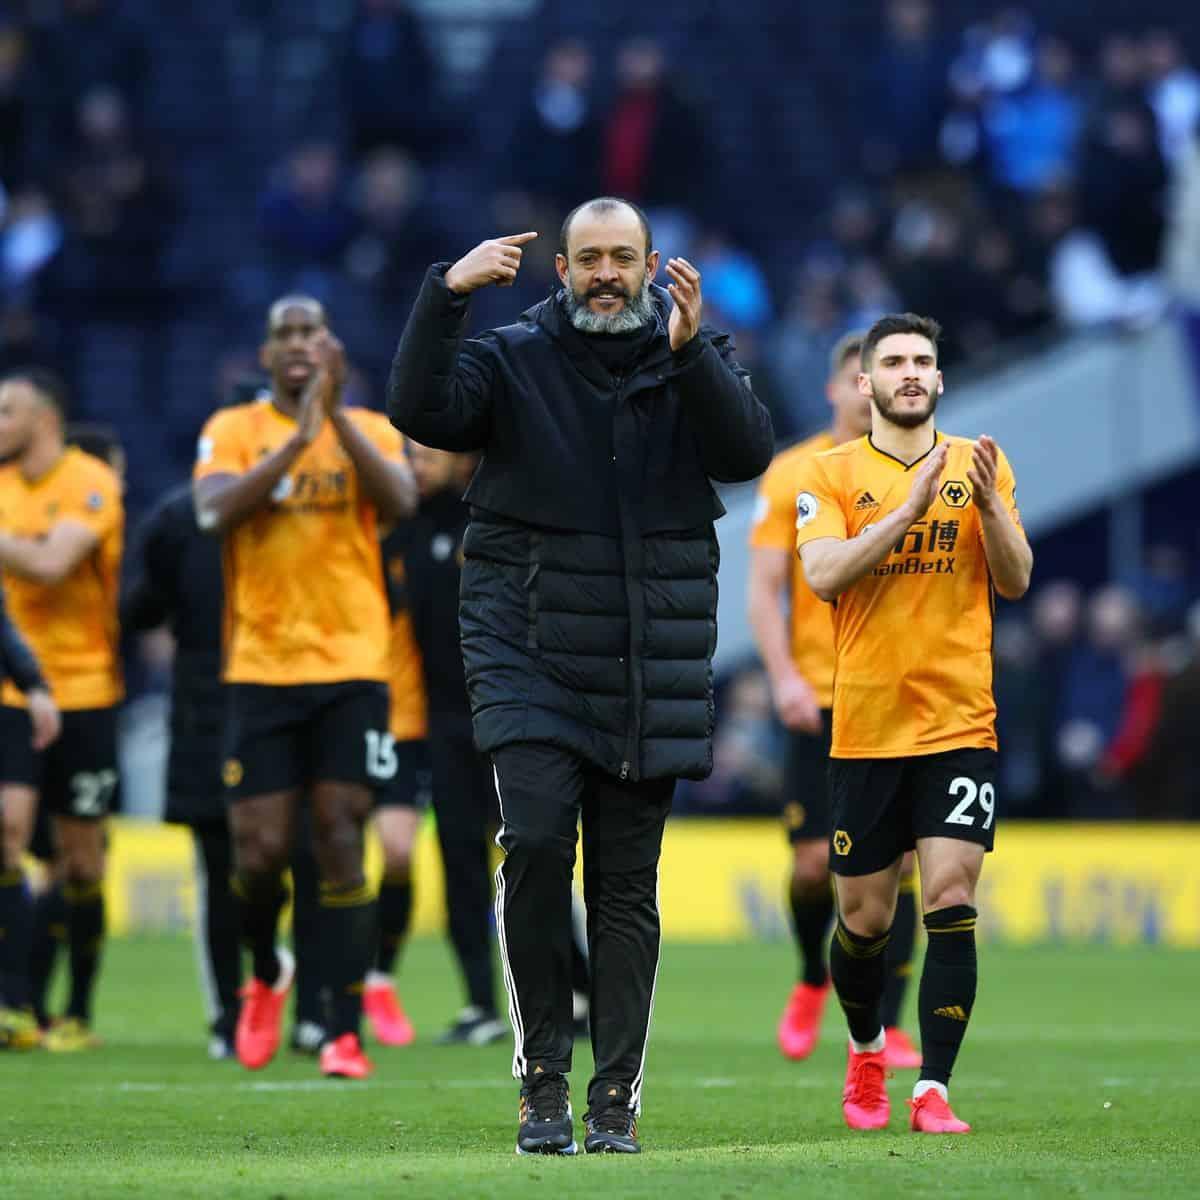 Wolves boss, Nuno Espirito Santo